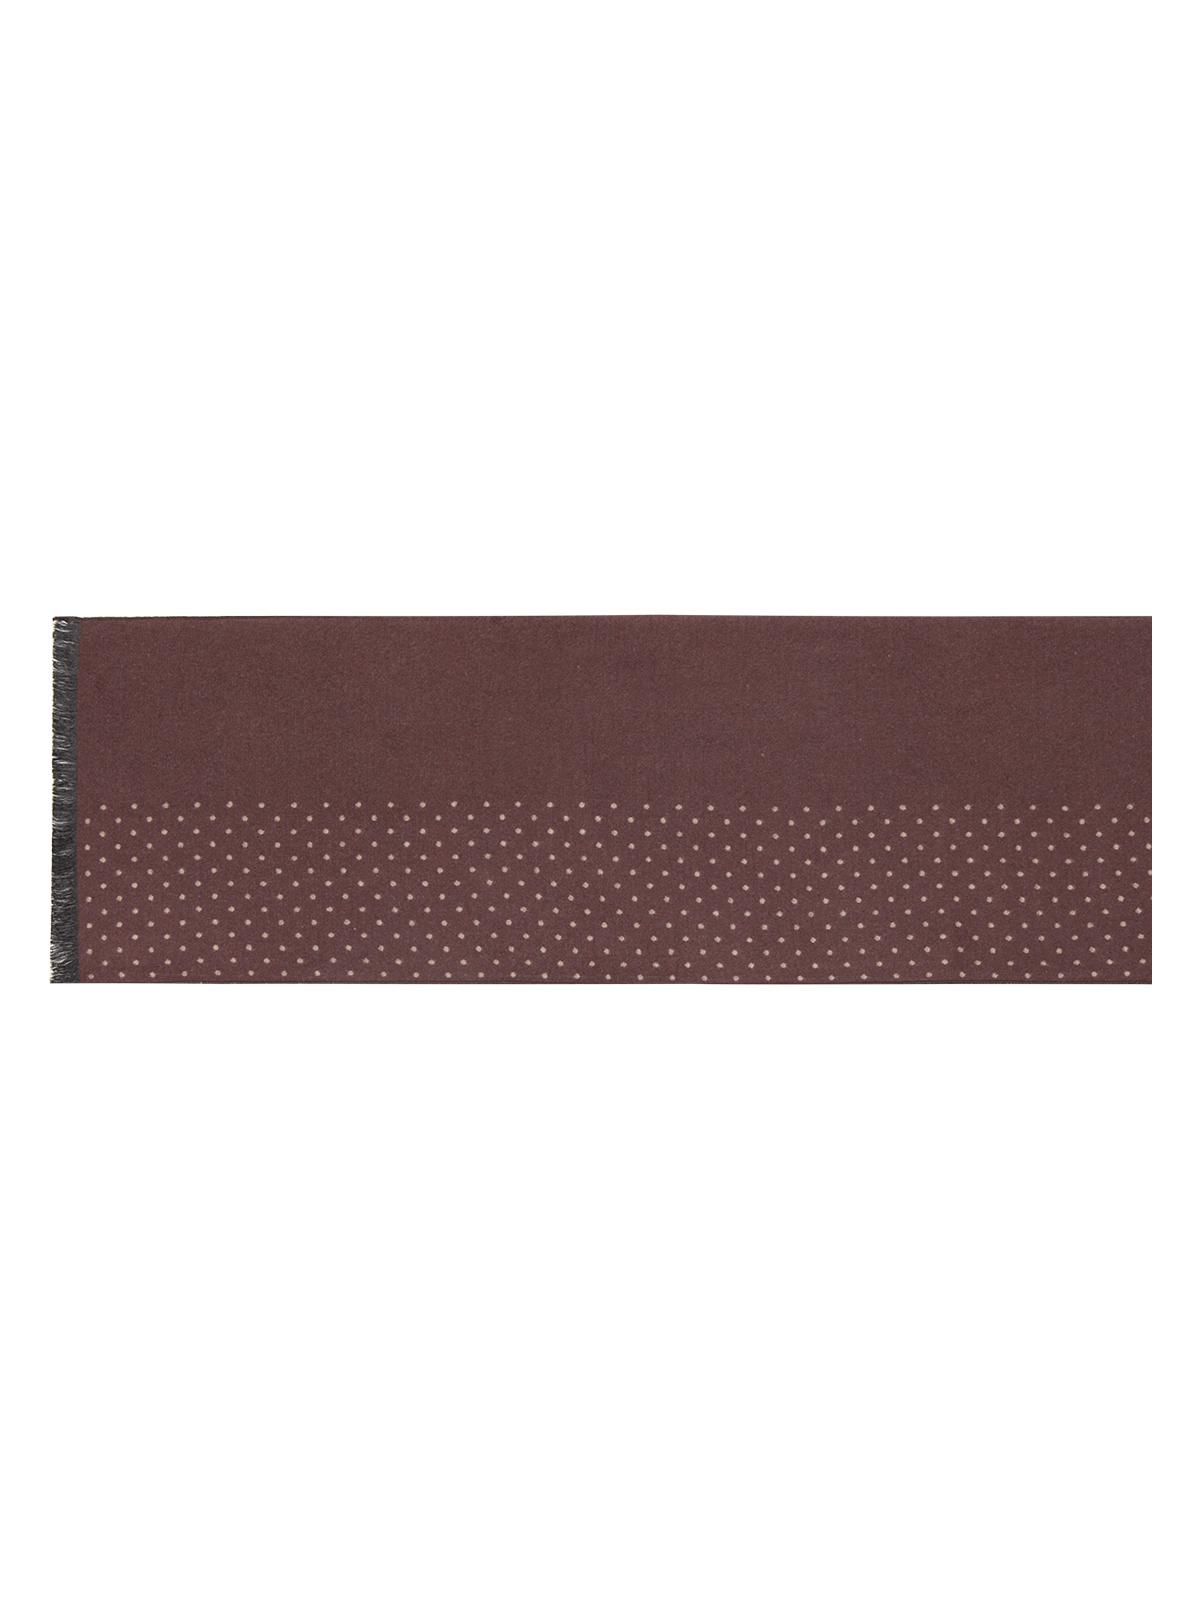 Шарф мужской Labbra, цвет: коричневый. LJG34-316. Размер 10 см х 180 смLJG34-316Мужской шарф Labbra, изготовленный из вискозы и шелка, мягкий и приятный на ощупь.Изделие оформлено оригинальным принтом в мелкий горох. По короткому краю модель оформлена бахромой.